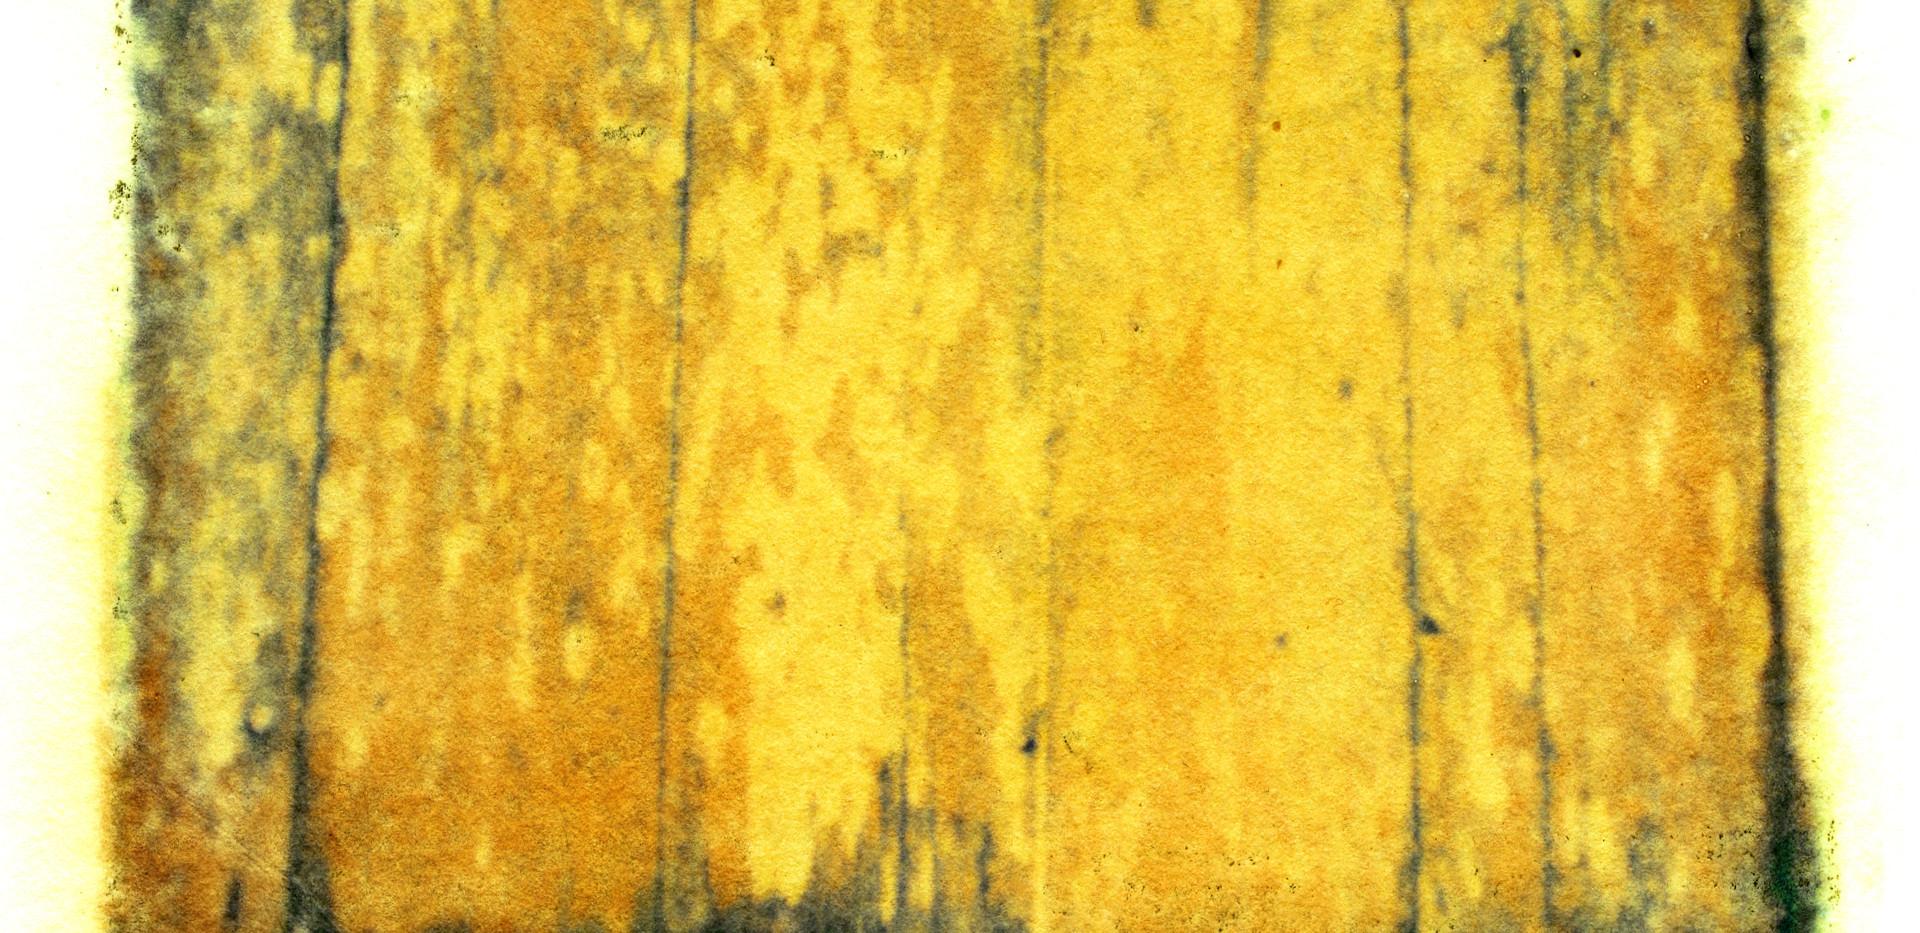 Emulsion Tran - Fence.jpg